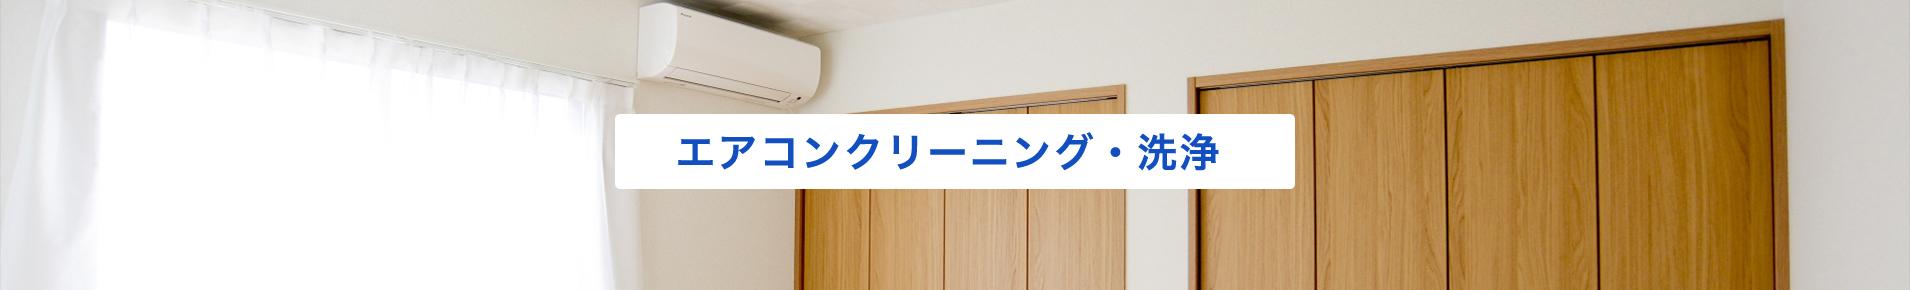 エアコンクリーニング・洗浄